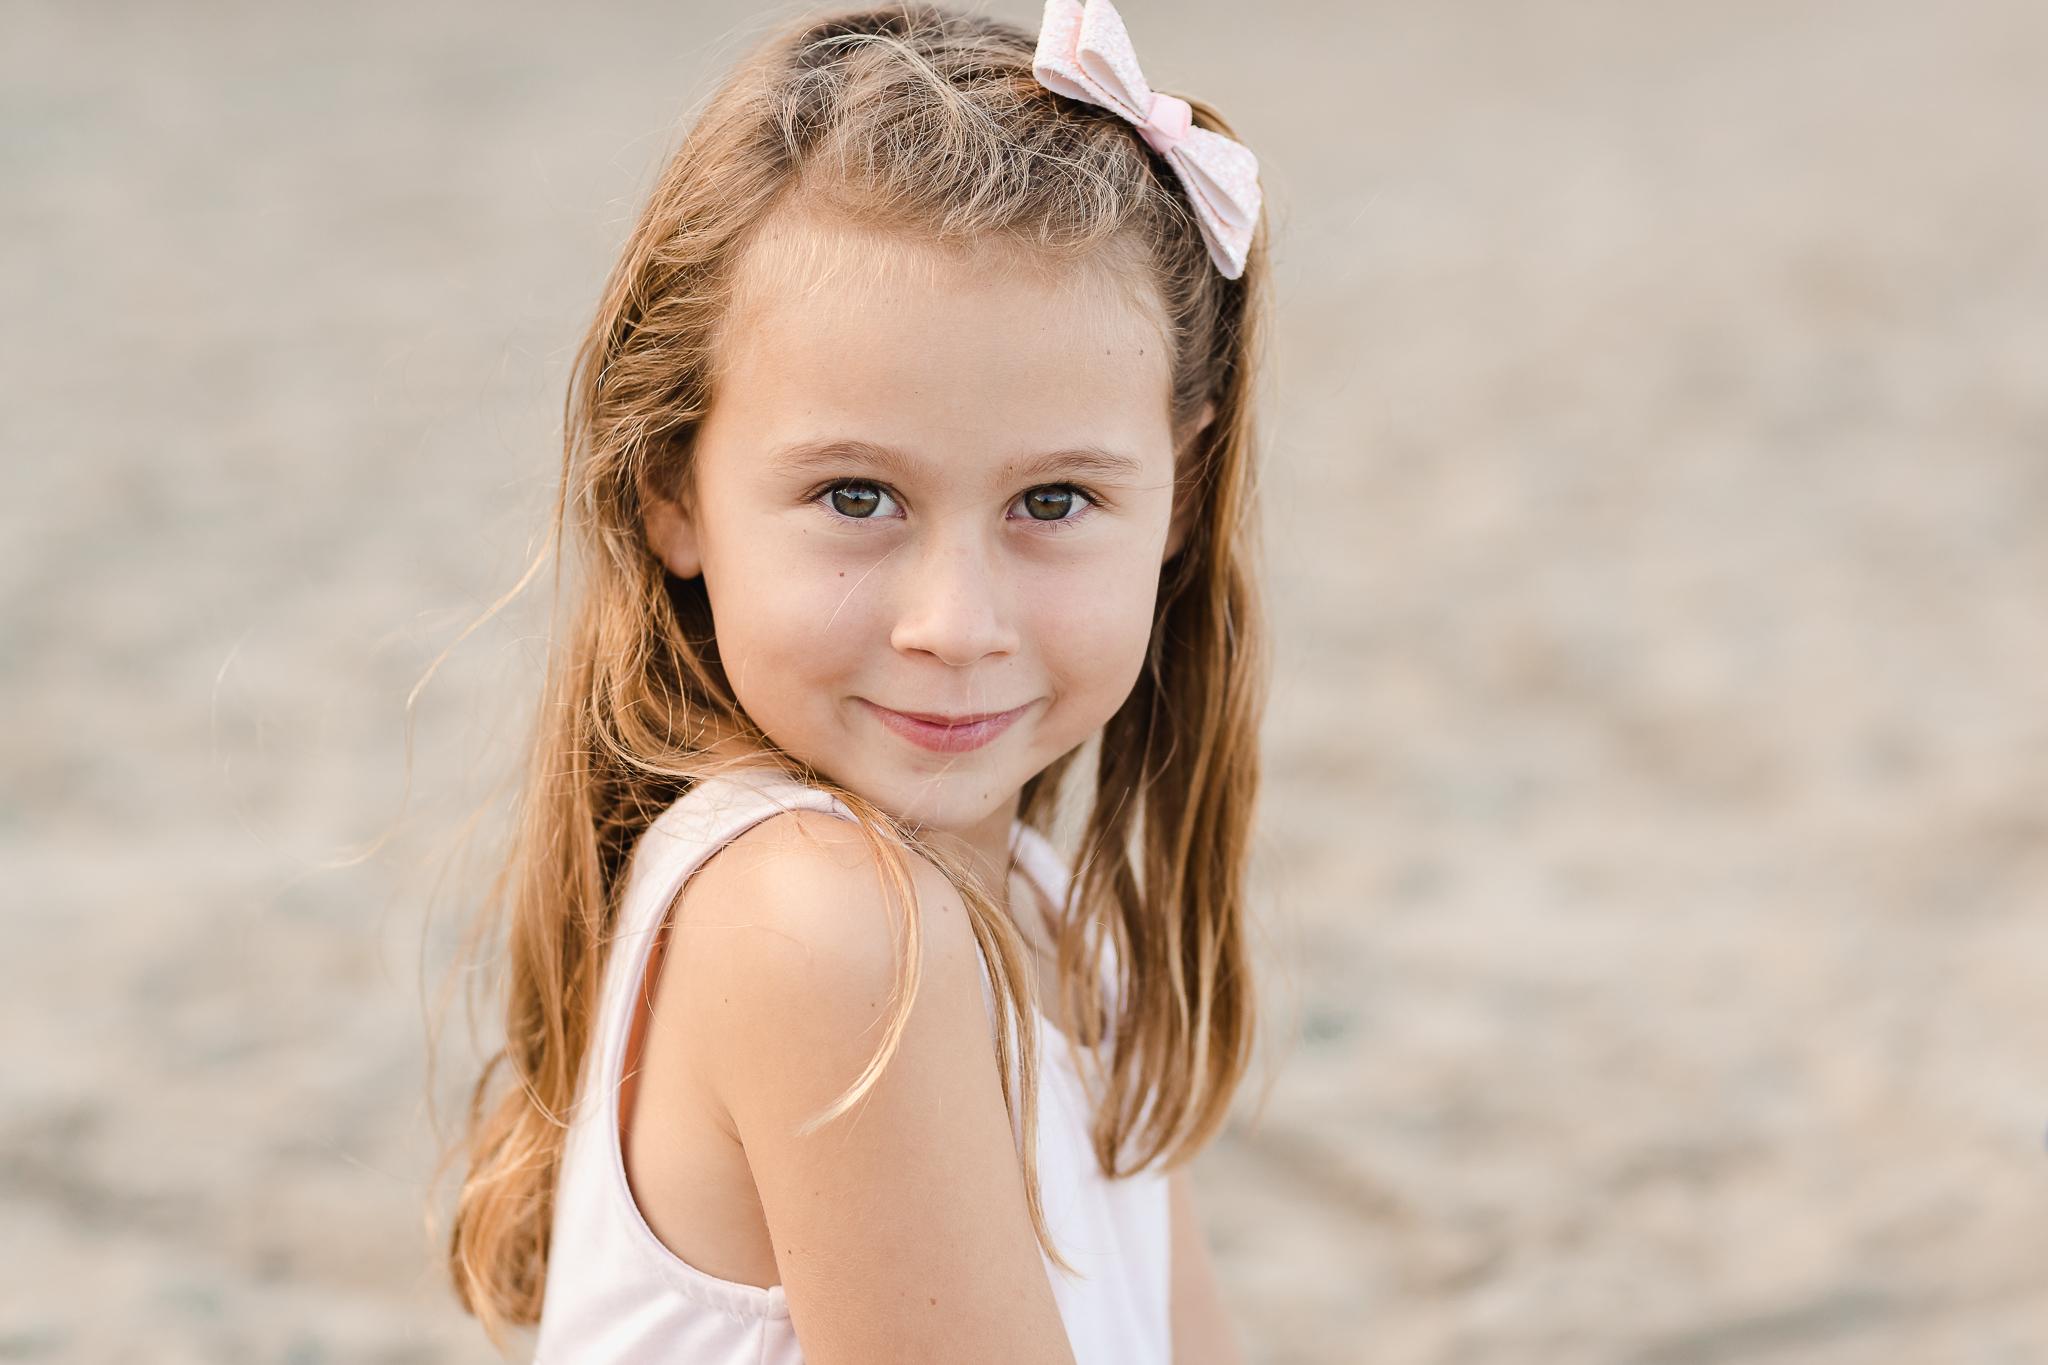 Coronado Family Photography at the Beach